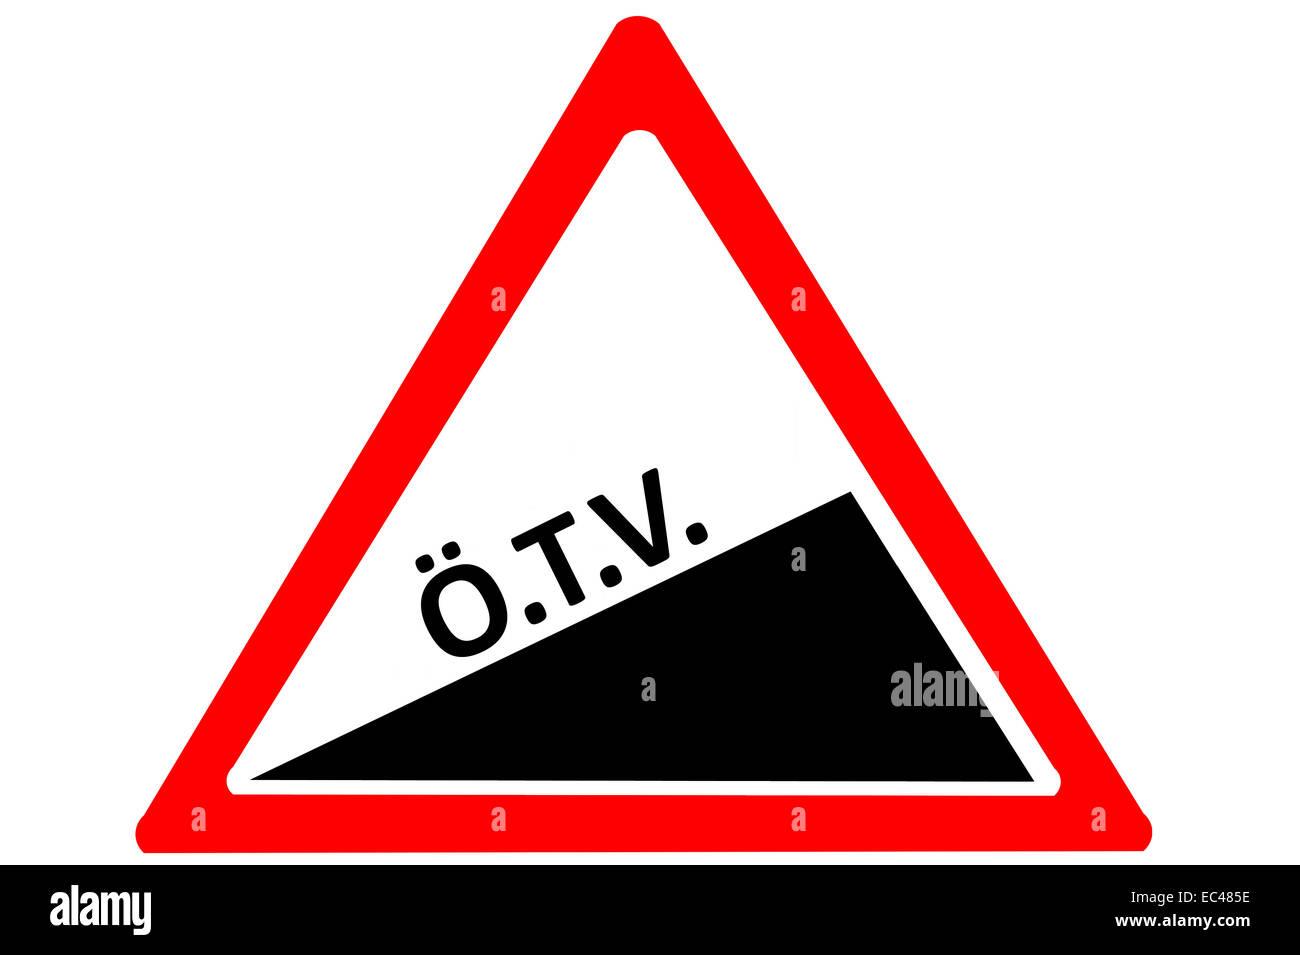 Rising tax Turkish ozel tuketim vergisi roadsign isolated on pure white background - Stock Image